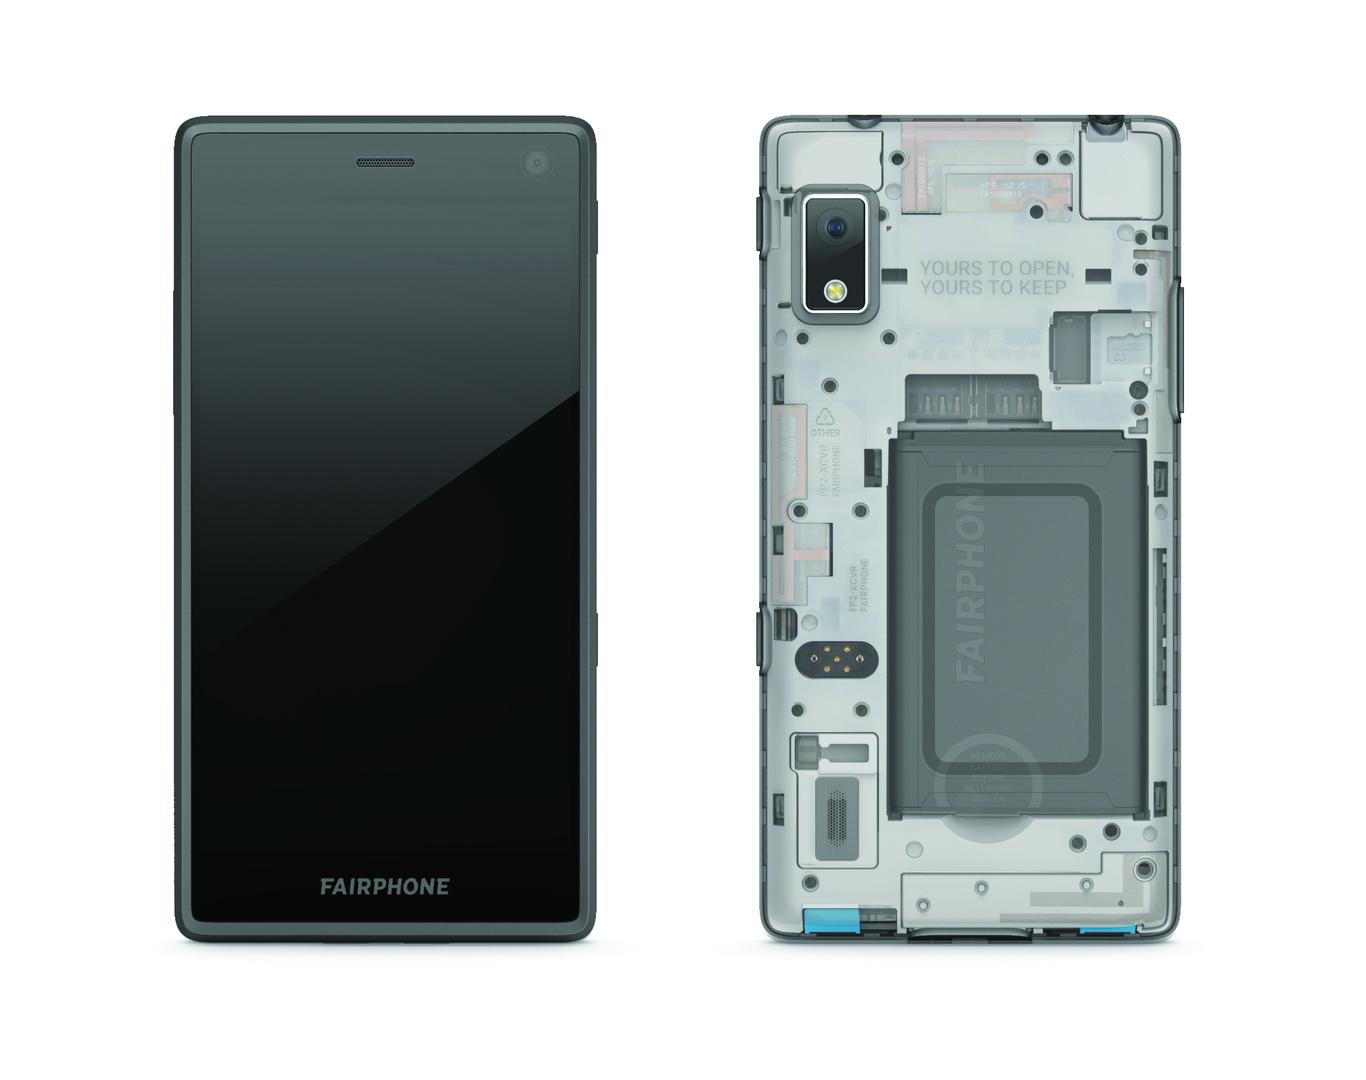 Das Fairphone 2 war Ende 2015 das weltweit erste modulare Smartphone